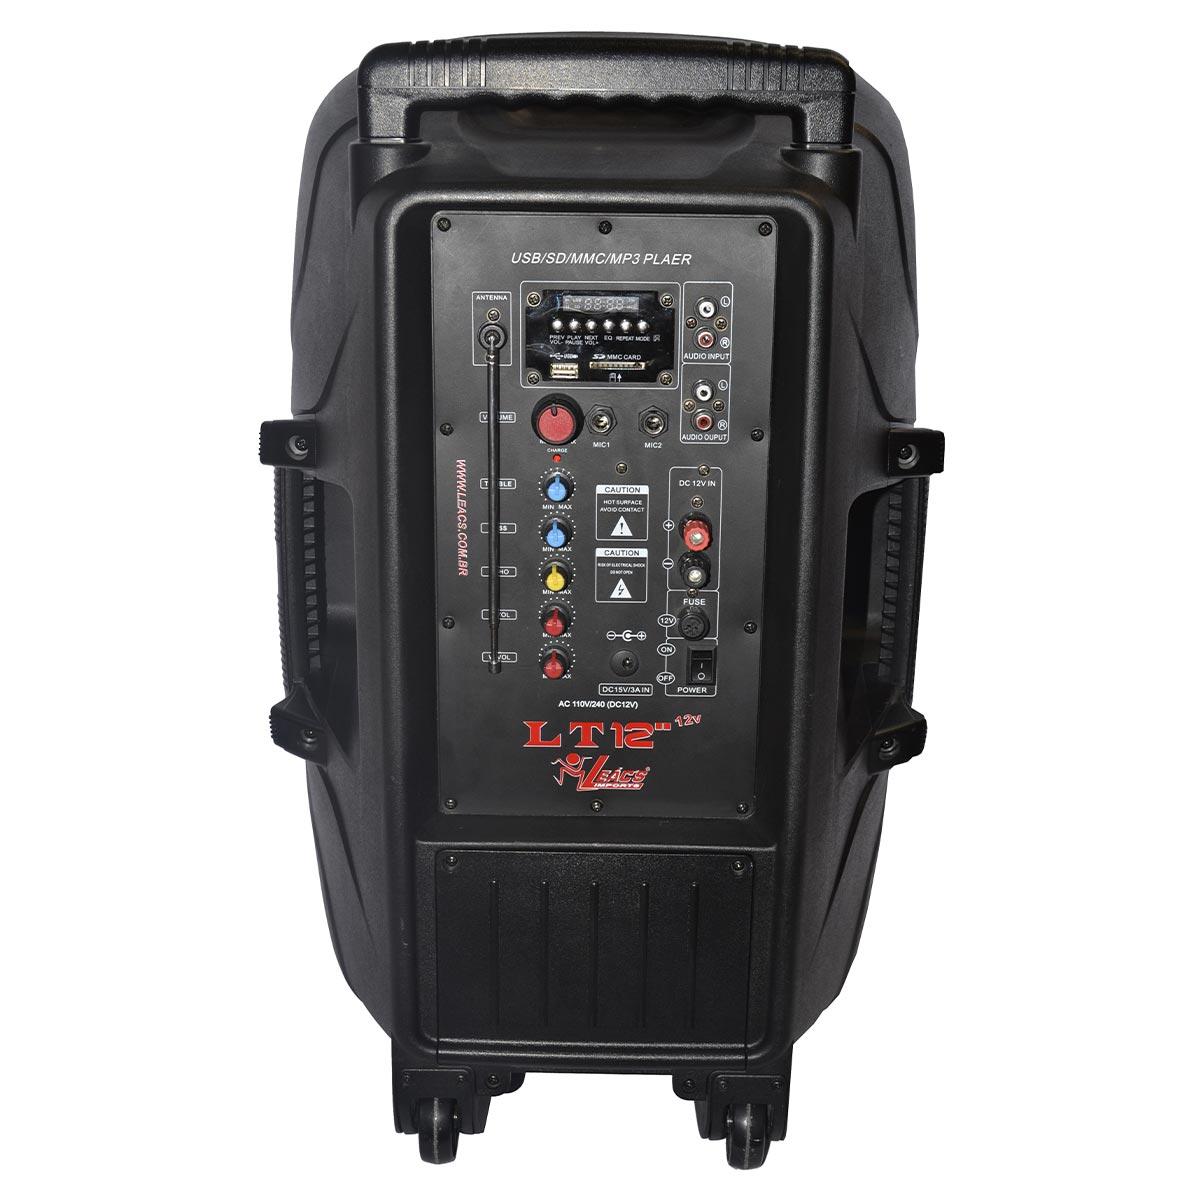 LT1212V - Caixa Port�til c/ Bateria, Bluetooth e USB 150W LT 12 12V - Leacs